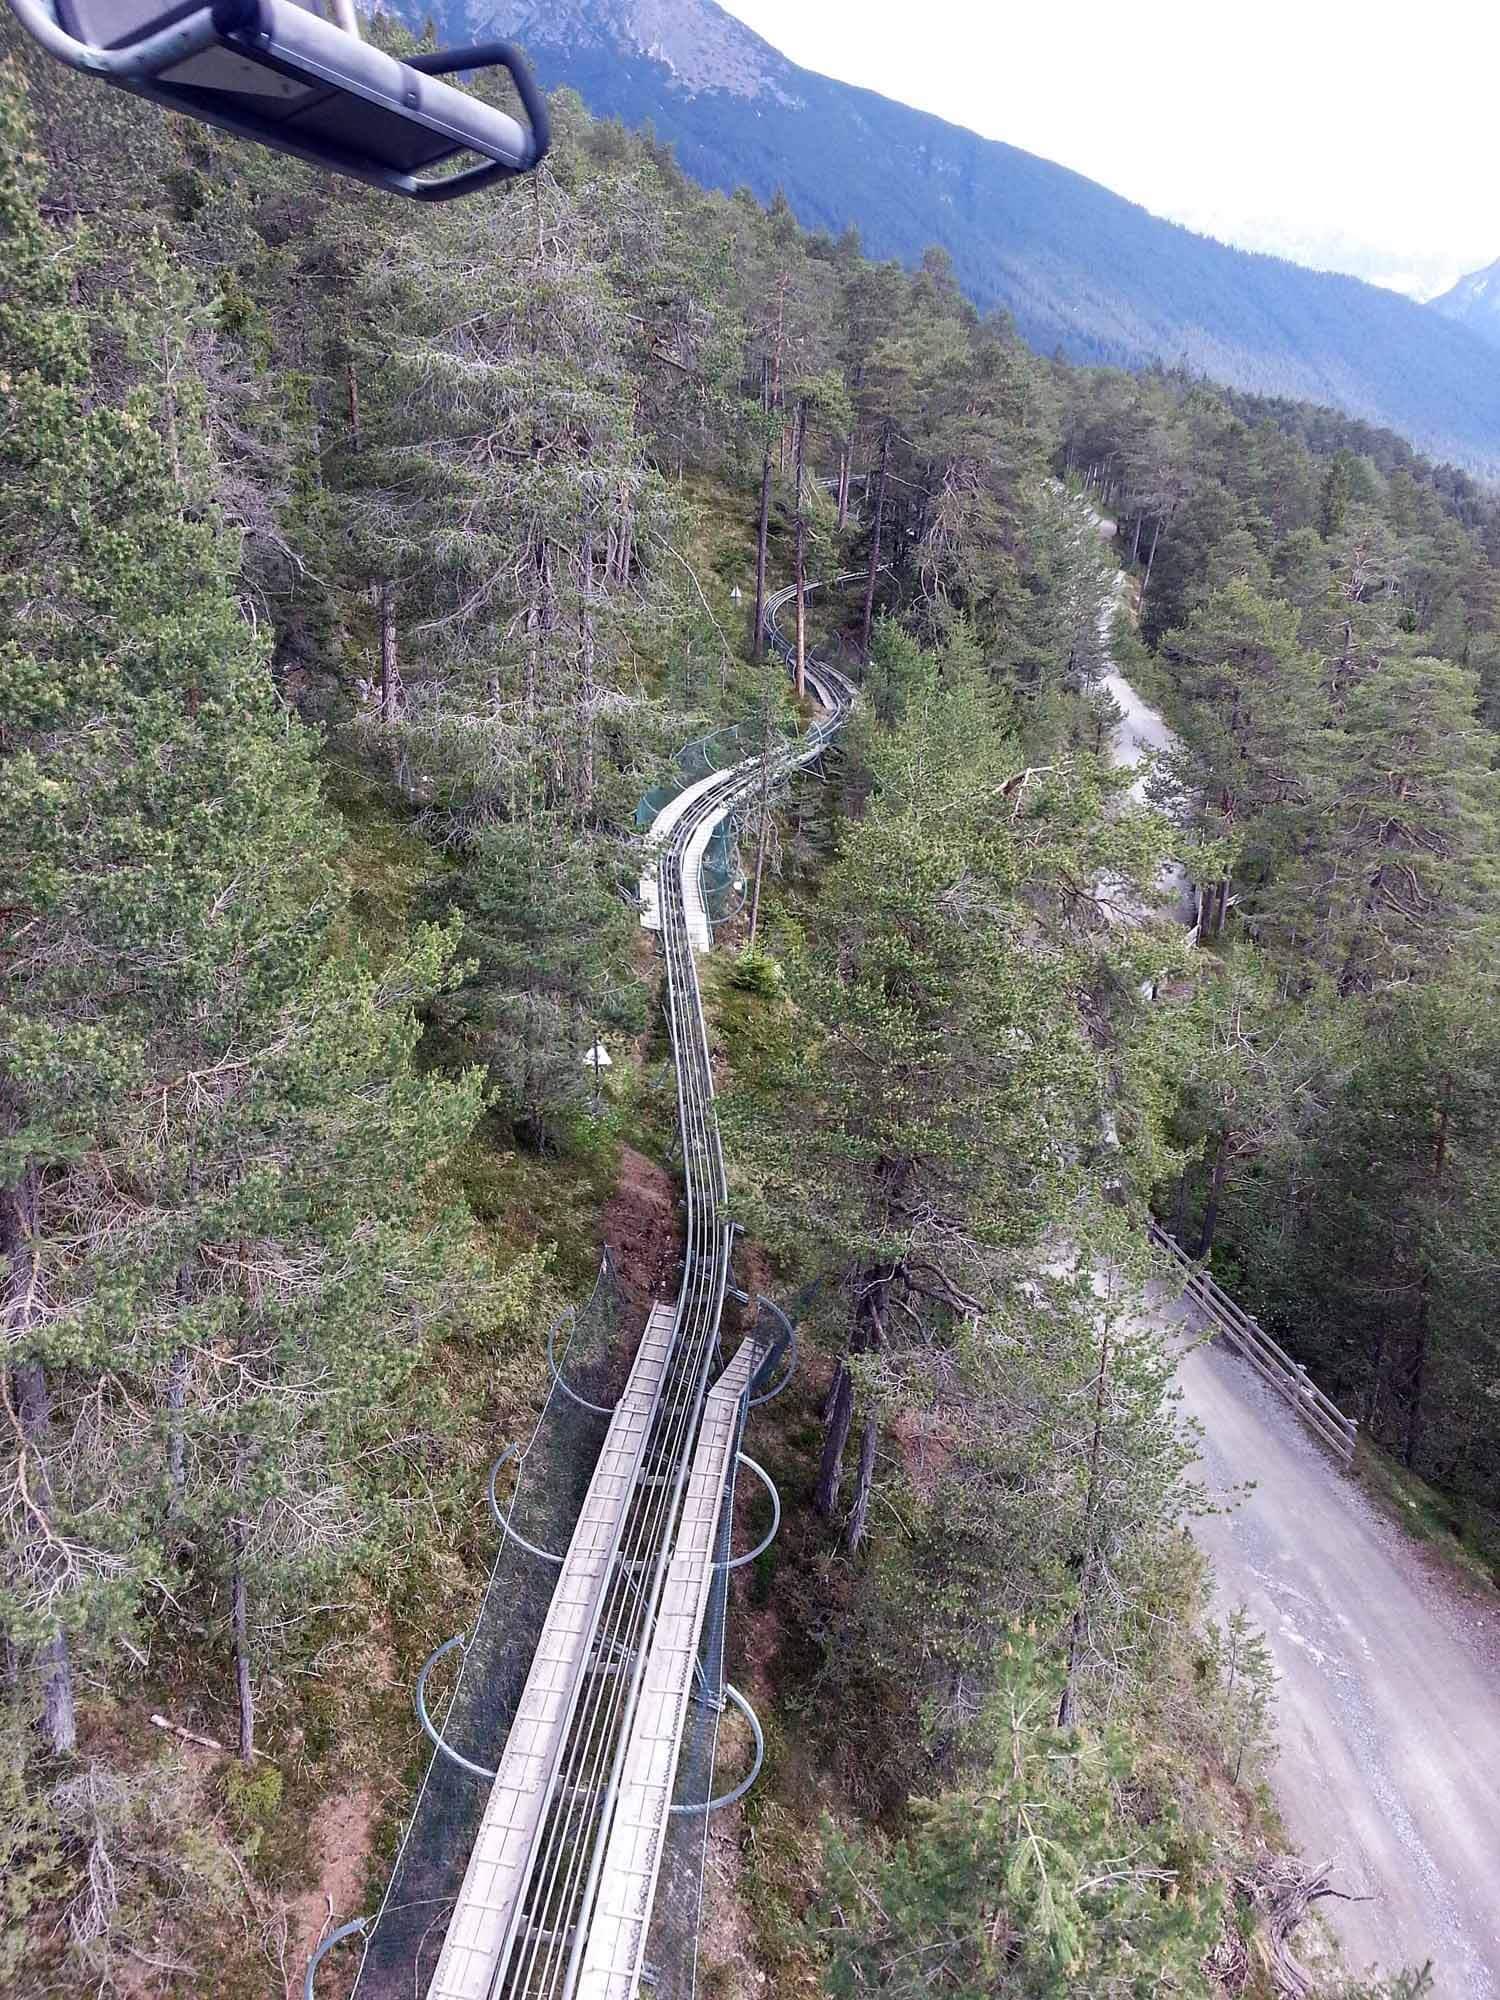 austria-imst-coaster-forest-track-chairlift.jpg